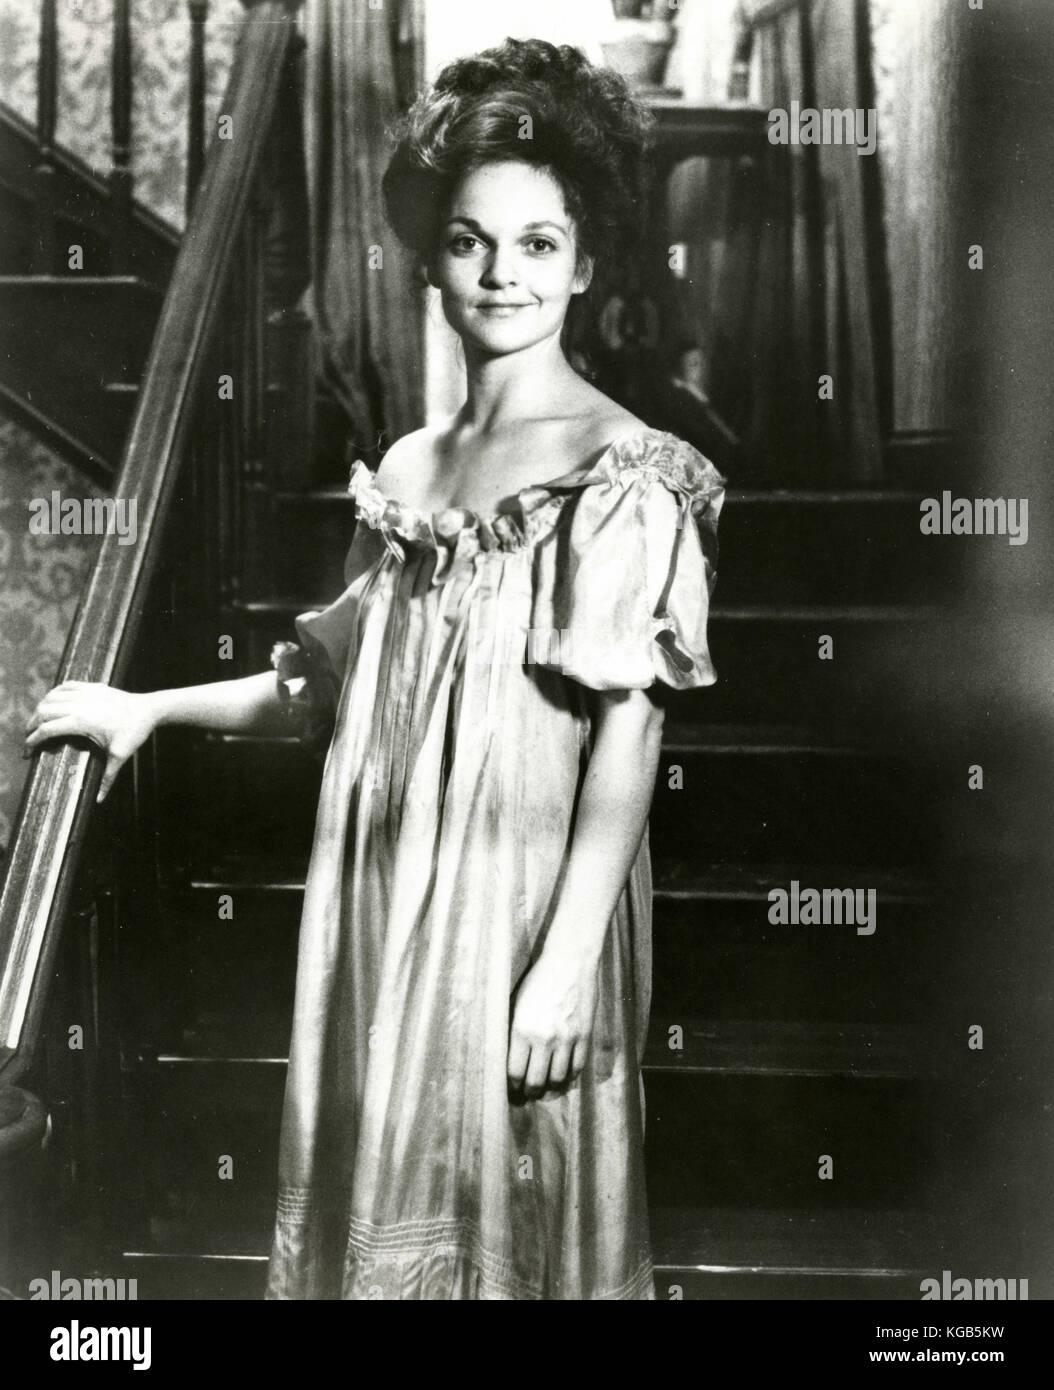 La actriz Pamela Reed en la película The Long Riders, 1980 Imagen De Stock